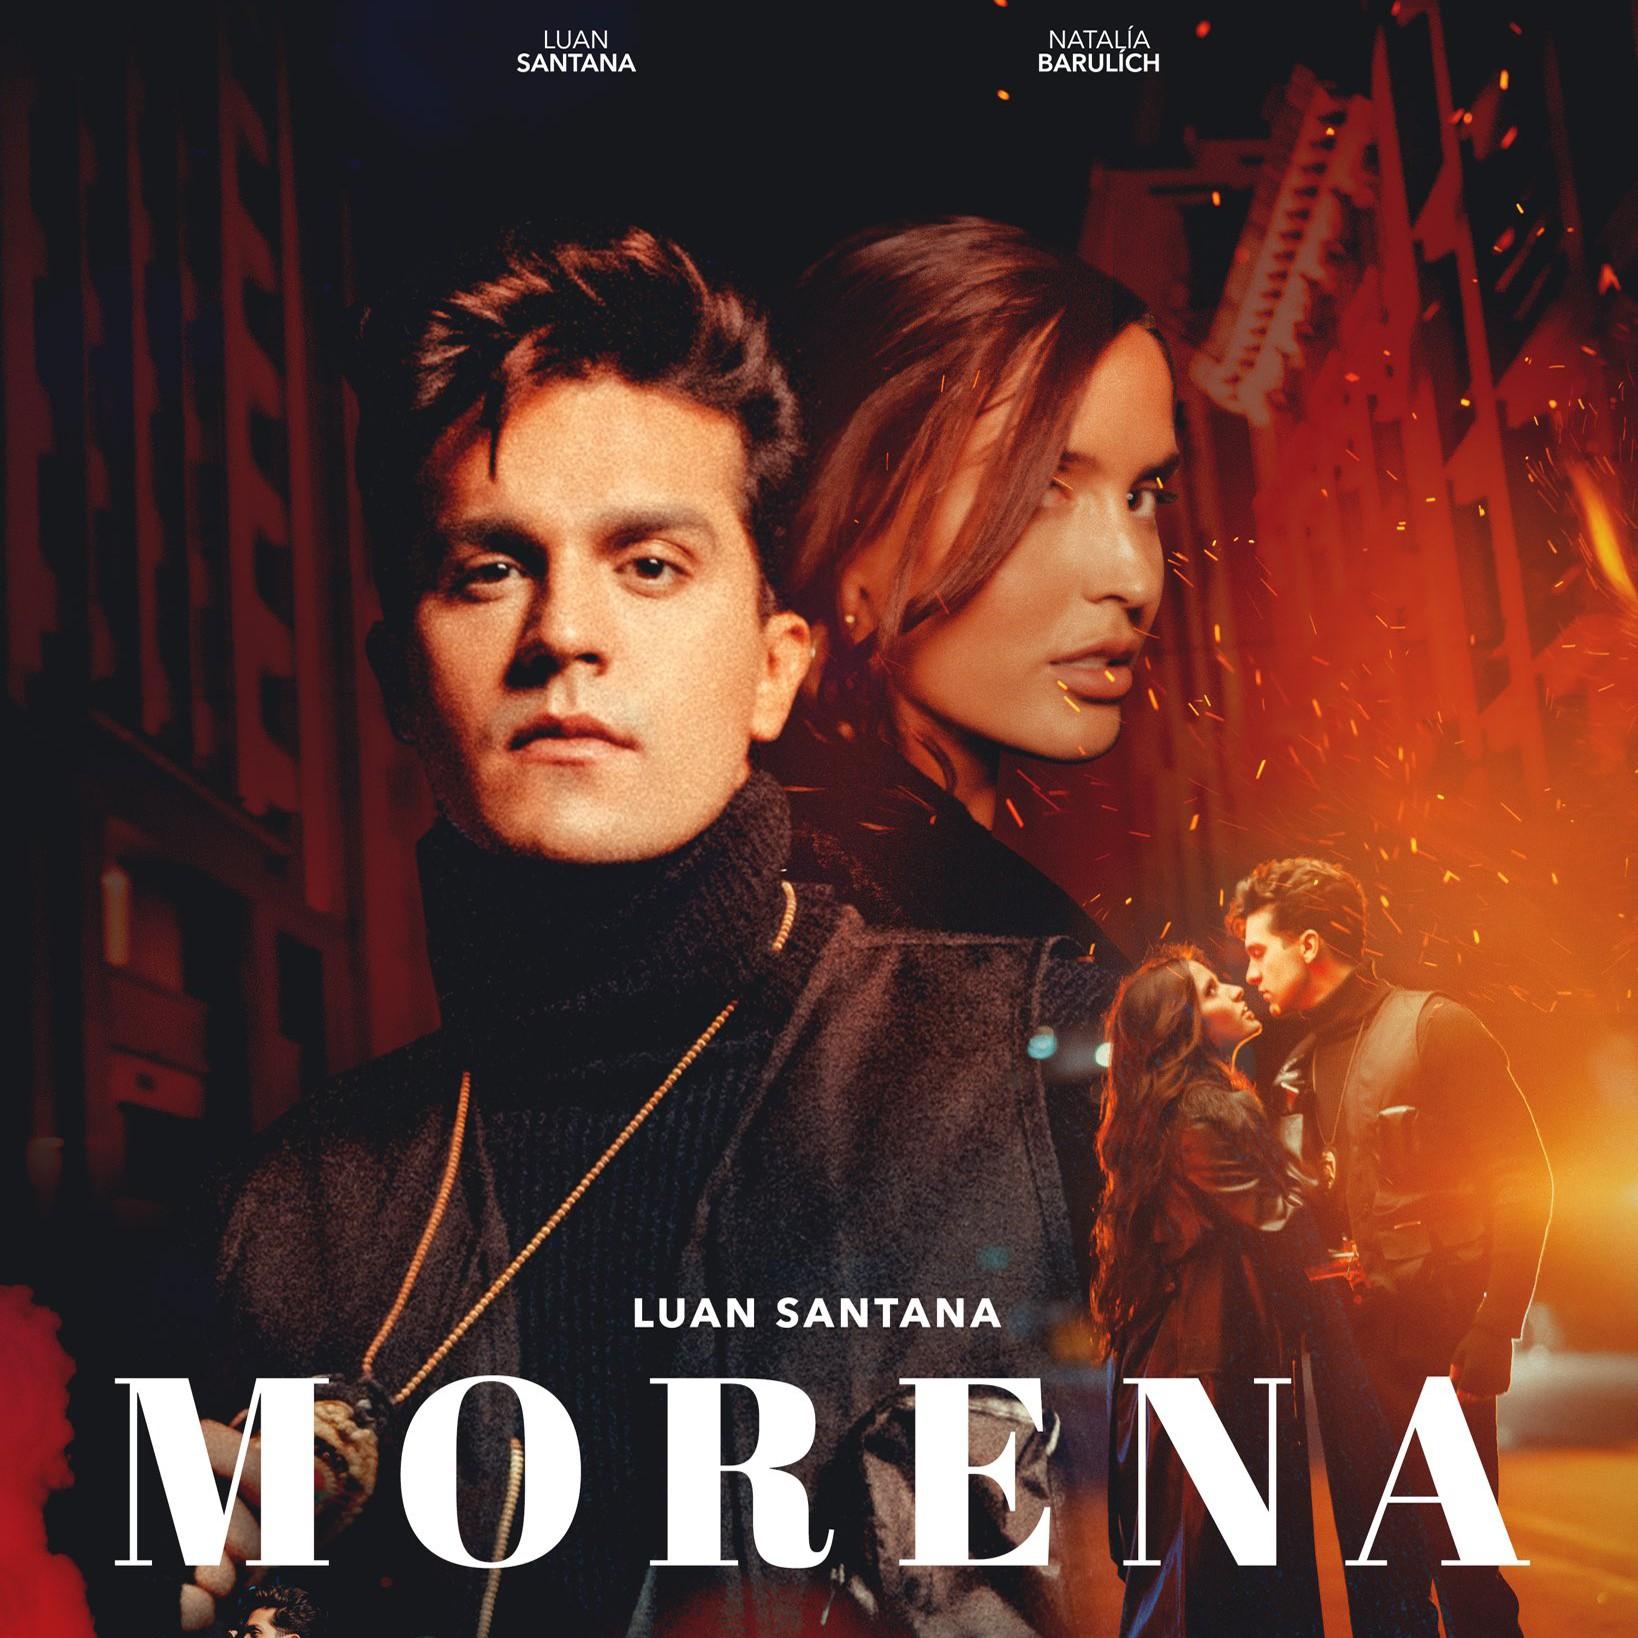 Luan Santana anuncia lançamento do single 'Morena' e de clipe filmado com Natalía Barulích